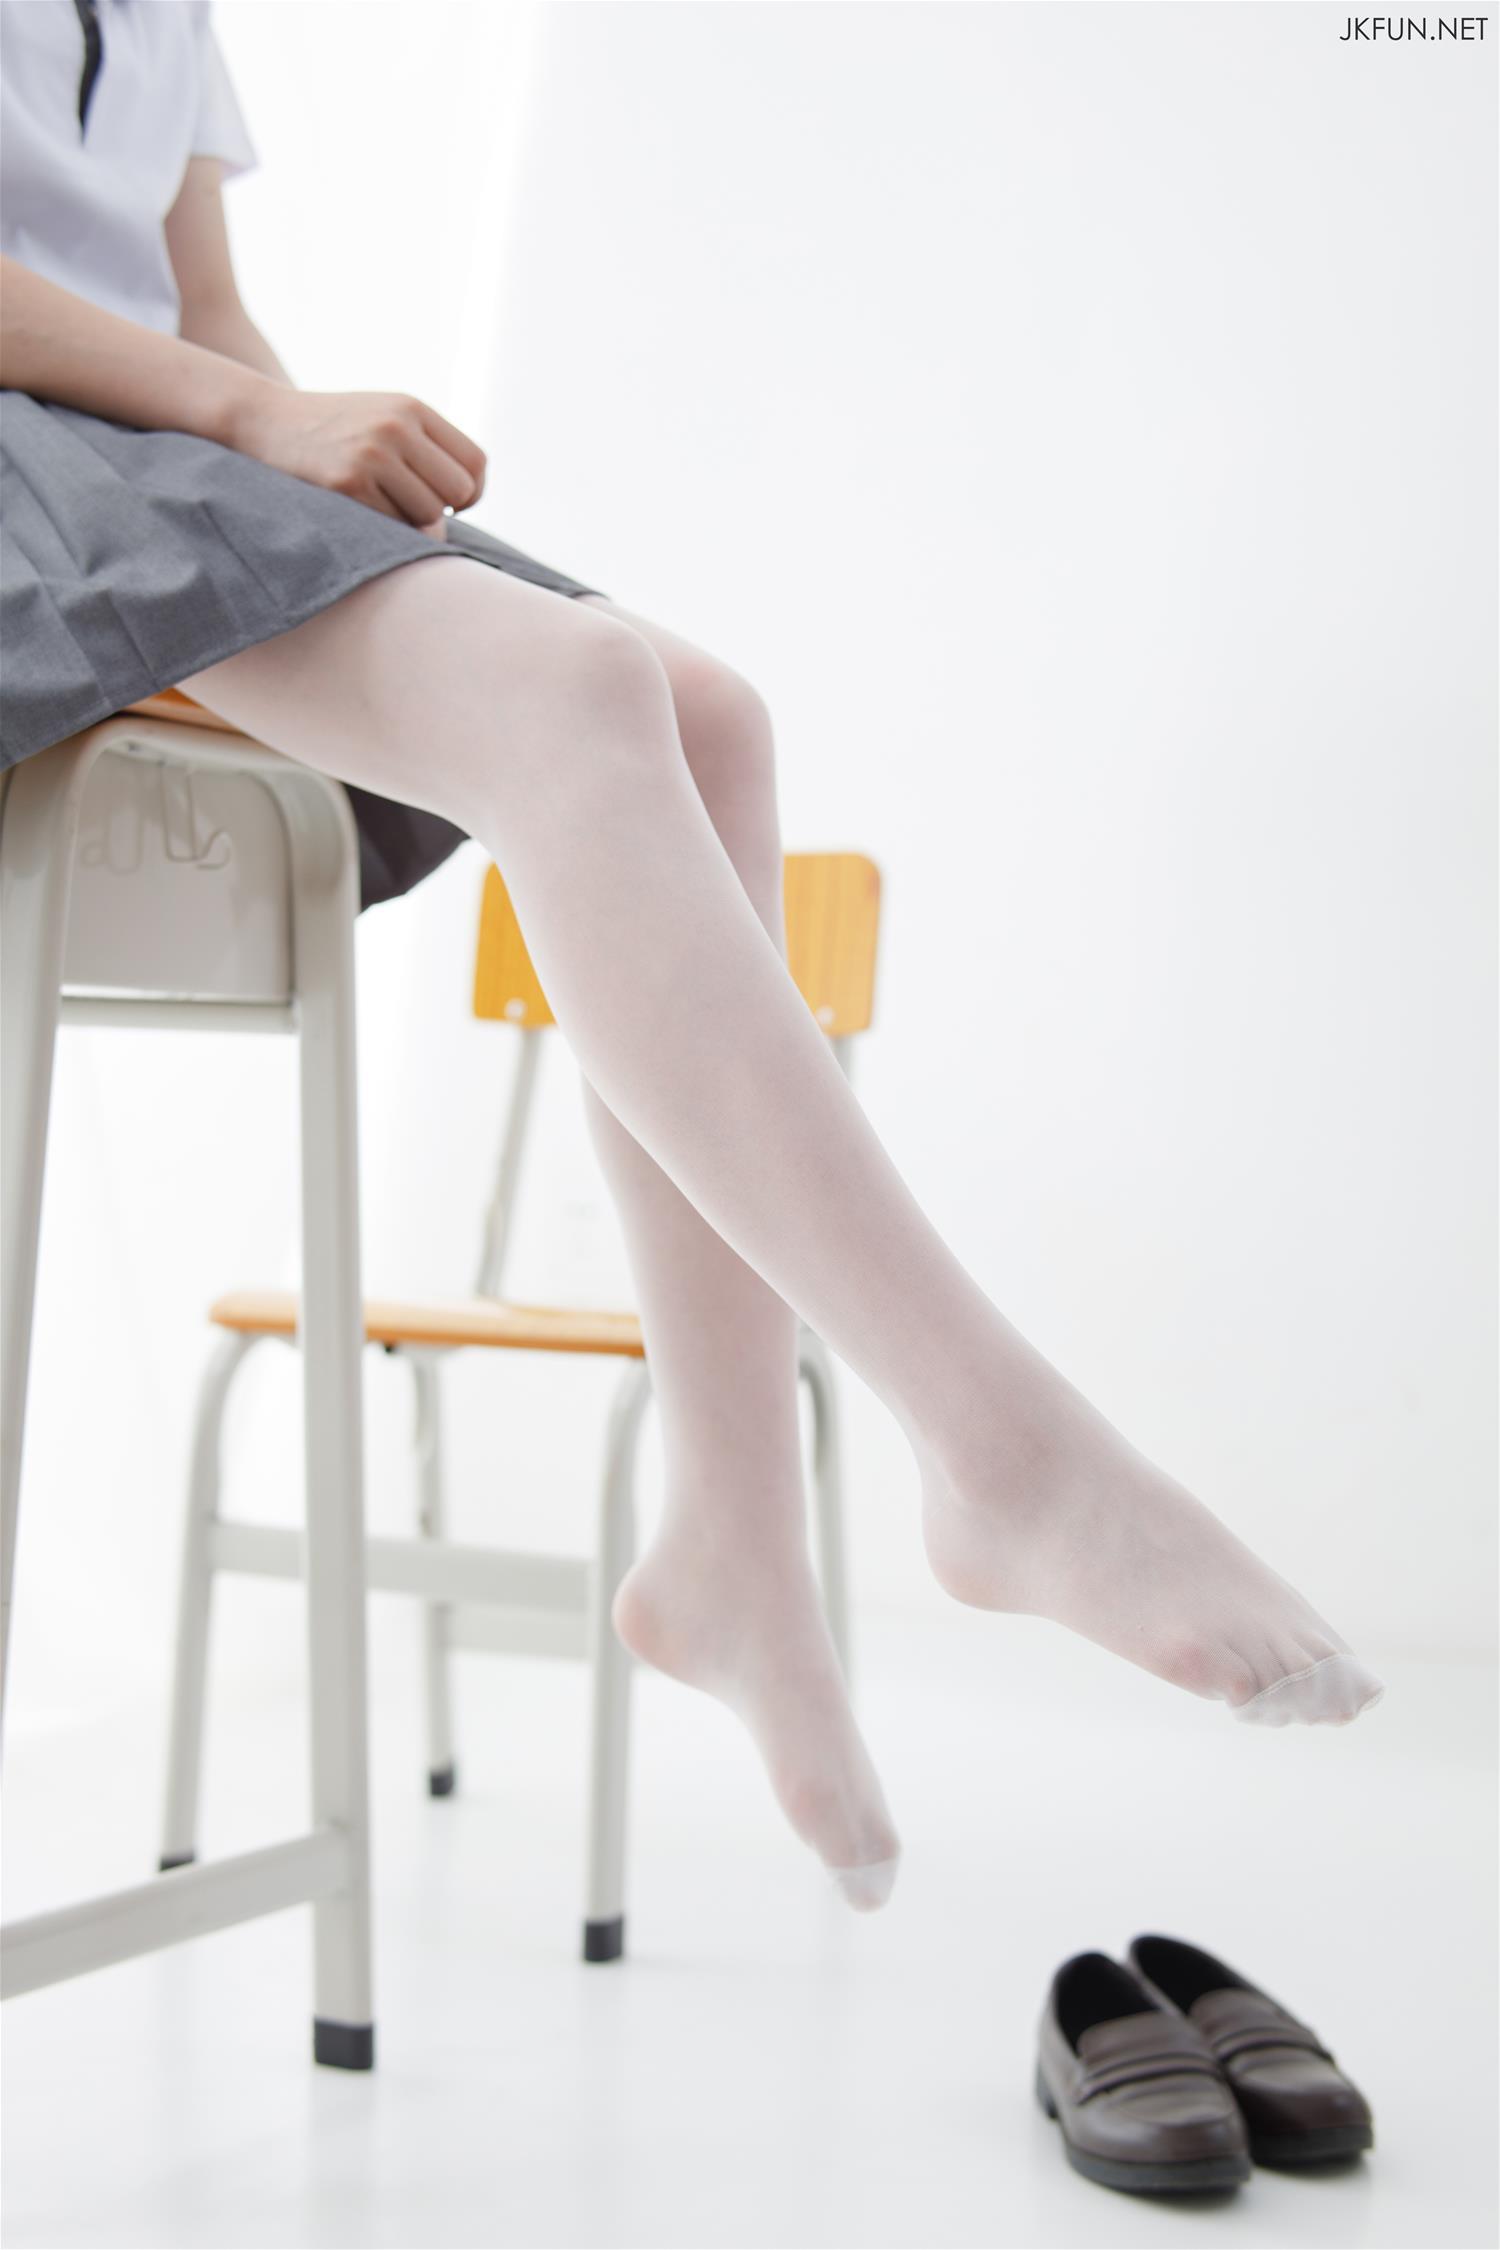 森萝财团 JKFUN-018 小青 15D超薄白丝 [108P1V-2.1GB] 森萝财团-第2张